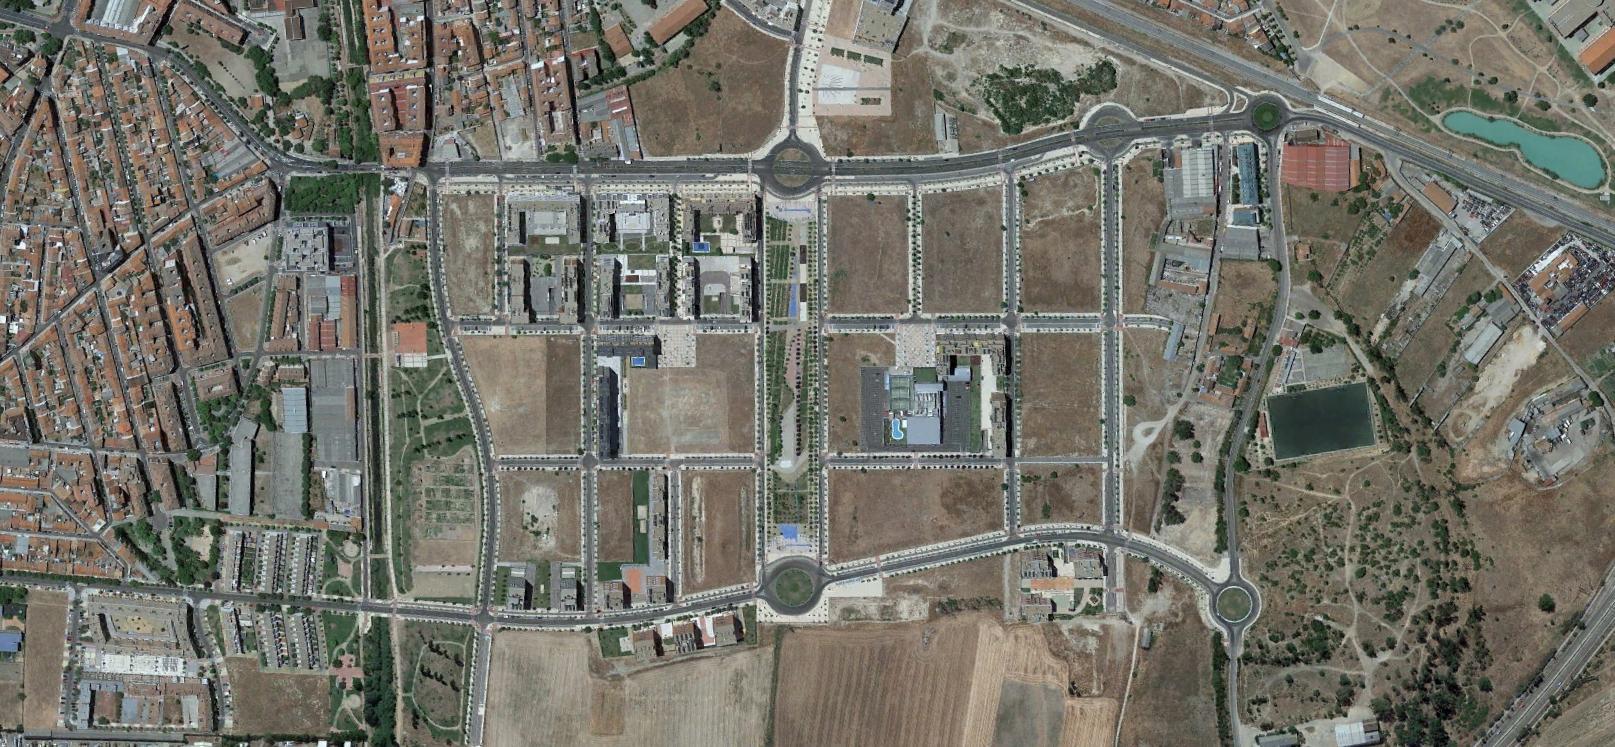 valladolid, este, crecía y vivía, después, urbanismo, planeamiento, urbano, desastre, urbanístico, construcción, rotondas, carretera